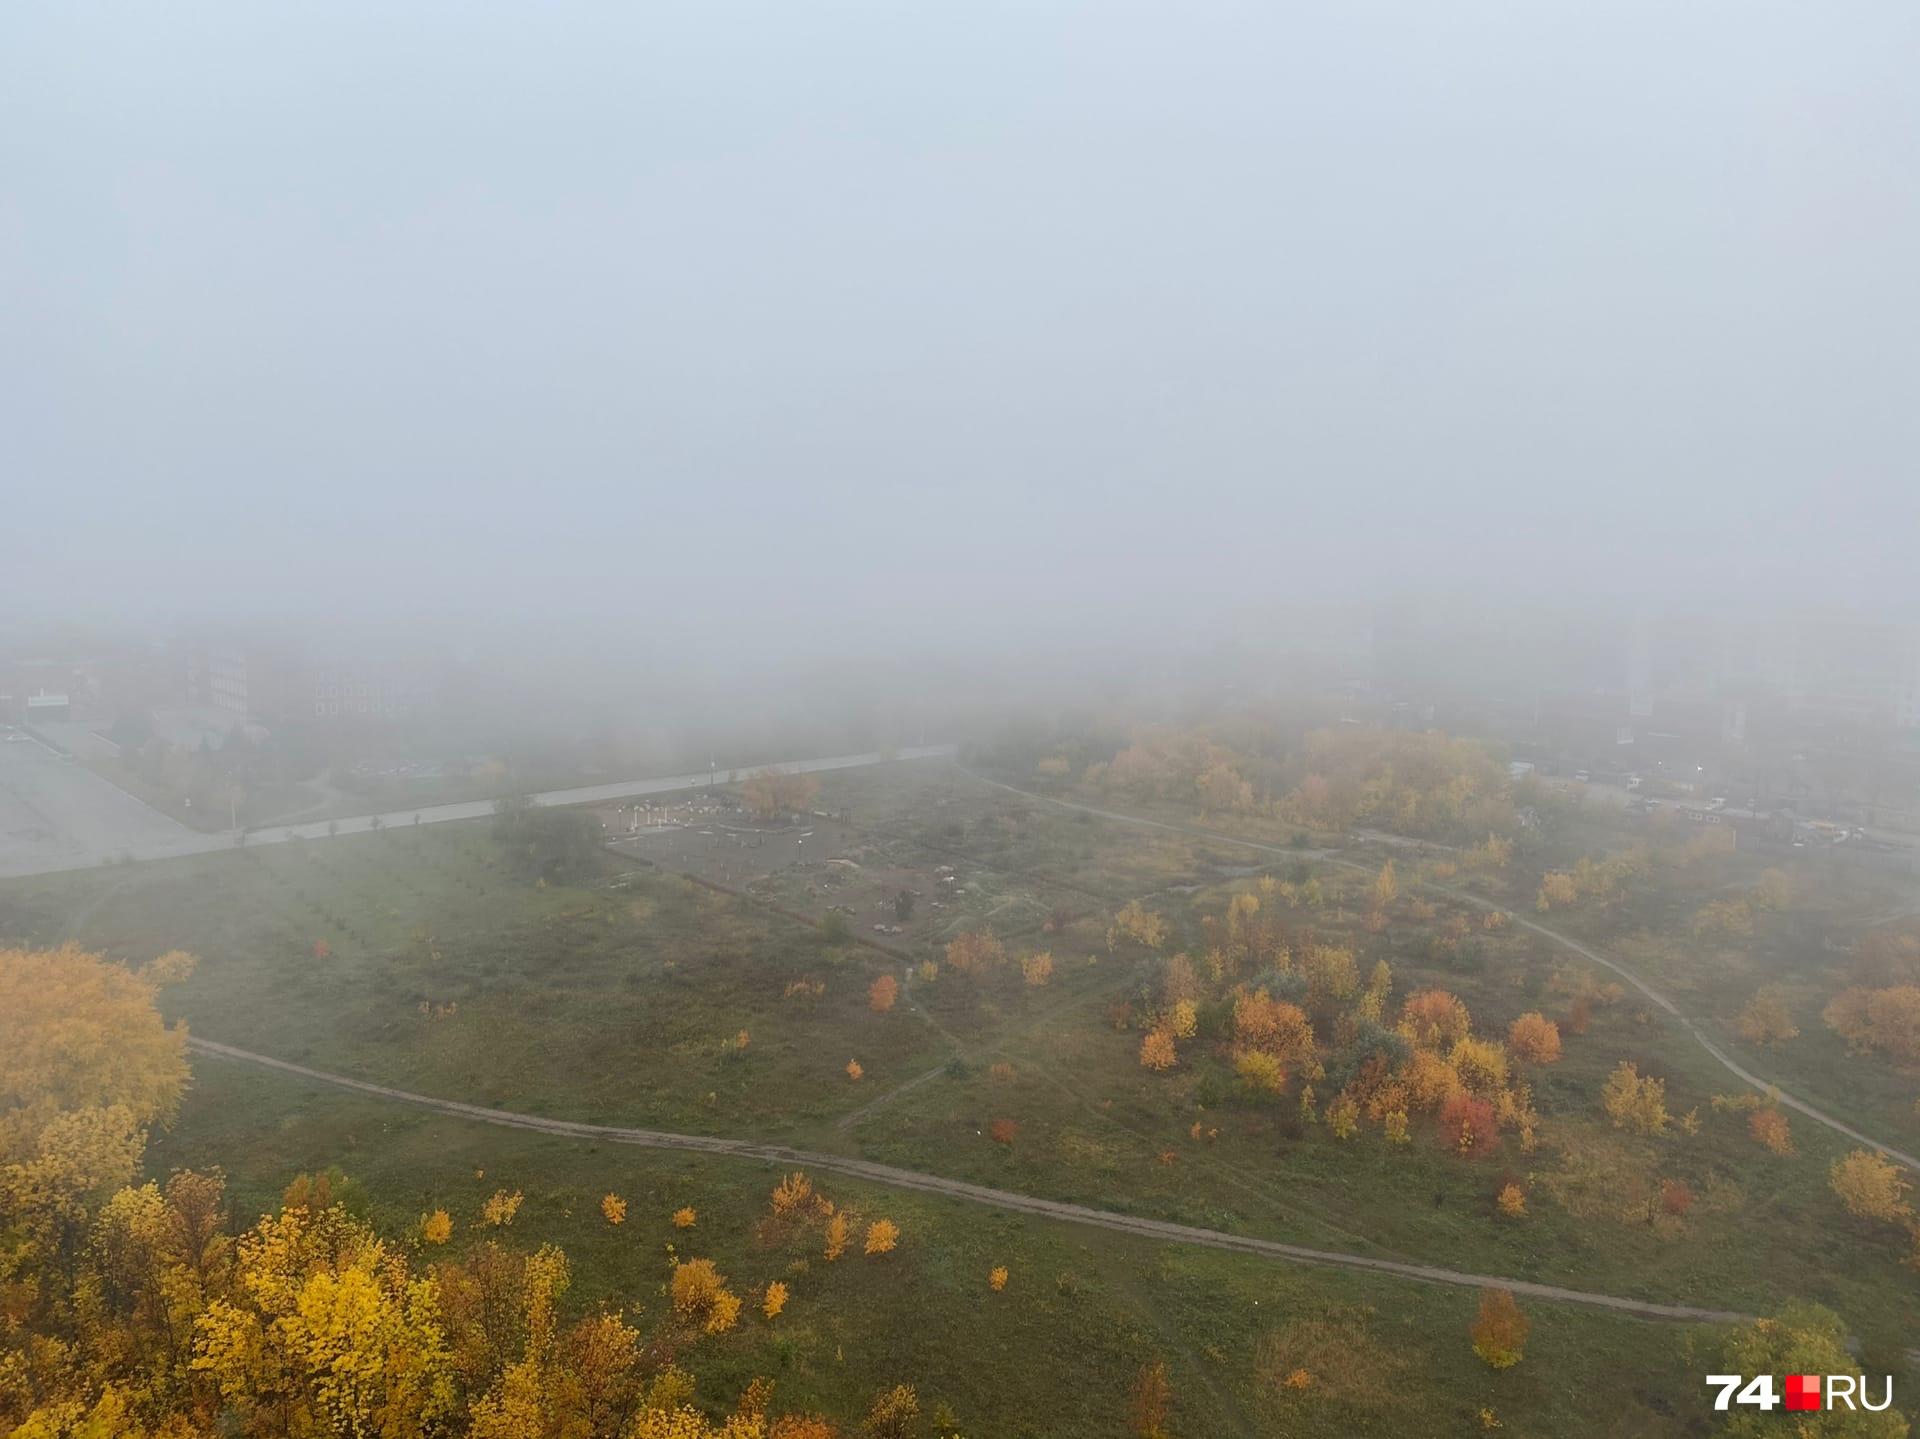 А посреди этого пейзажа, прямо в центре тумана, спрятался главный корпус ЧелГУ и дома Северо-Запада